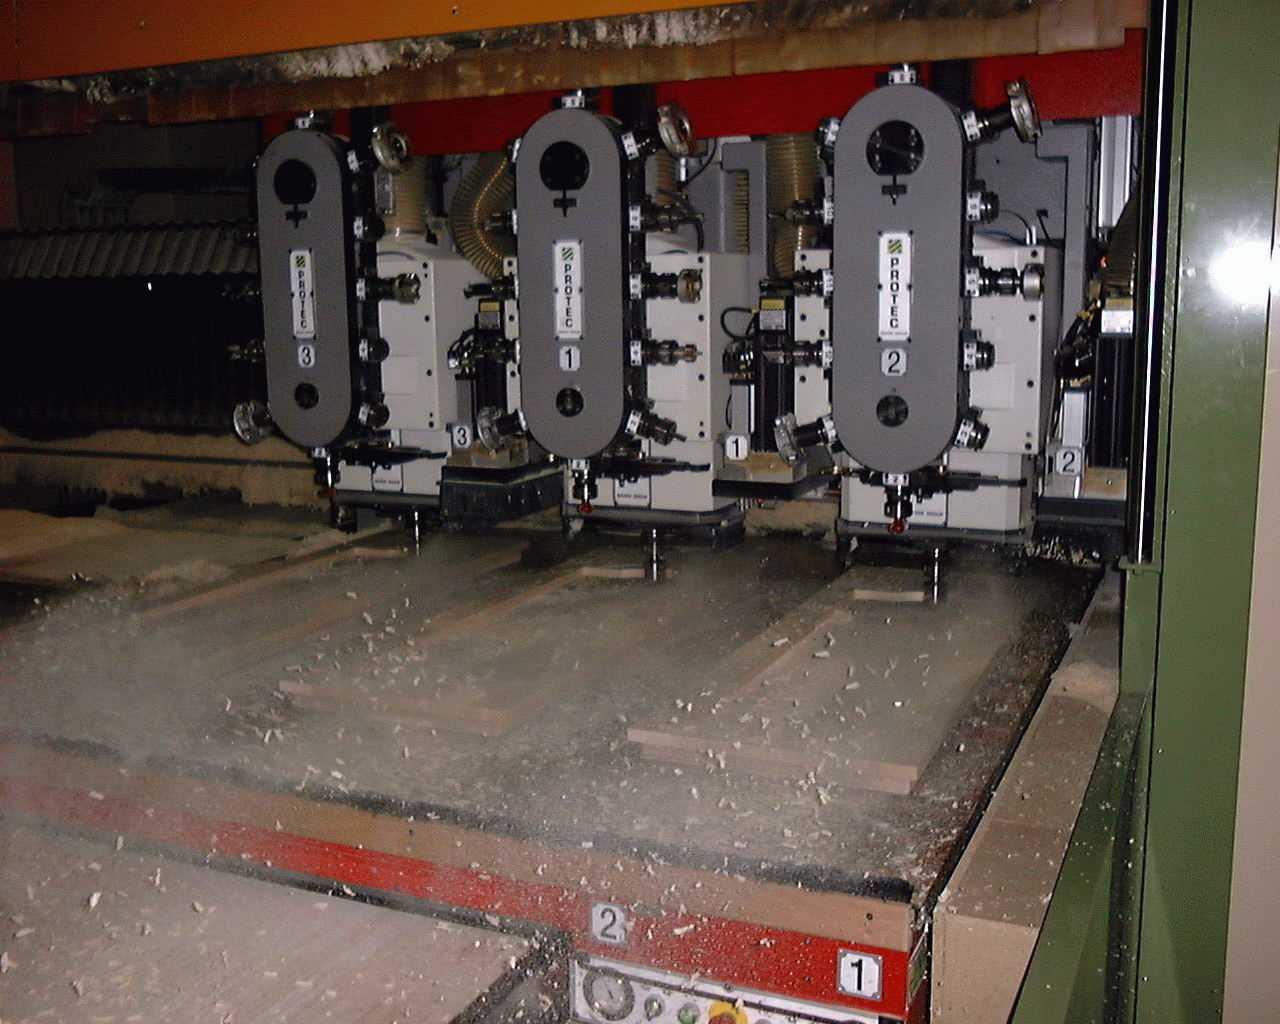 Meer-motorig - De panelen worden eerst op maat gezaagd en daarna op de freesmachine in 3-voud gefreesd. Op deze wijze wordt de freestijd als het ware slechts 1/3 van de tijd. Hiermee worden grote series zeer efficiënt geproduceerd.Door 2 werktafels wordt de wisseltijd van de werkstukken tot een minimum beperkt. Het koppelen van de 2 tafels maakt de CNC-machine geschikt voor werkstukken tot 6,3 x 3,2 meter.